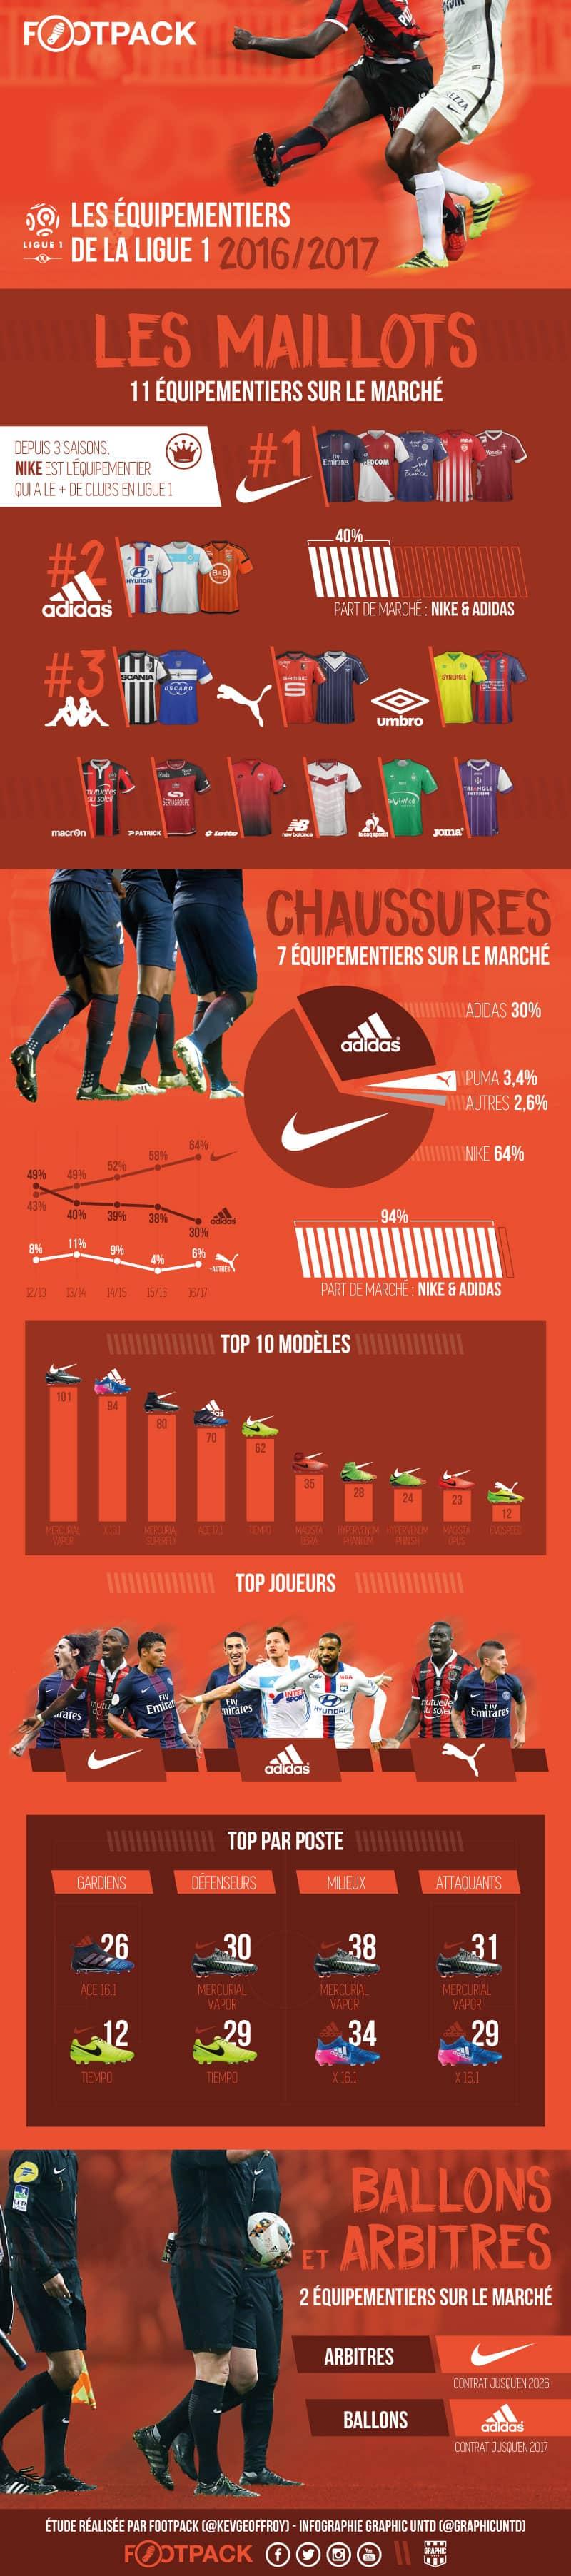 Footpack-InfographieL1-FR